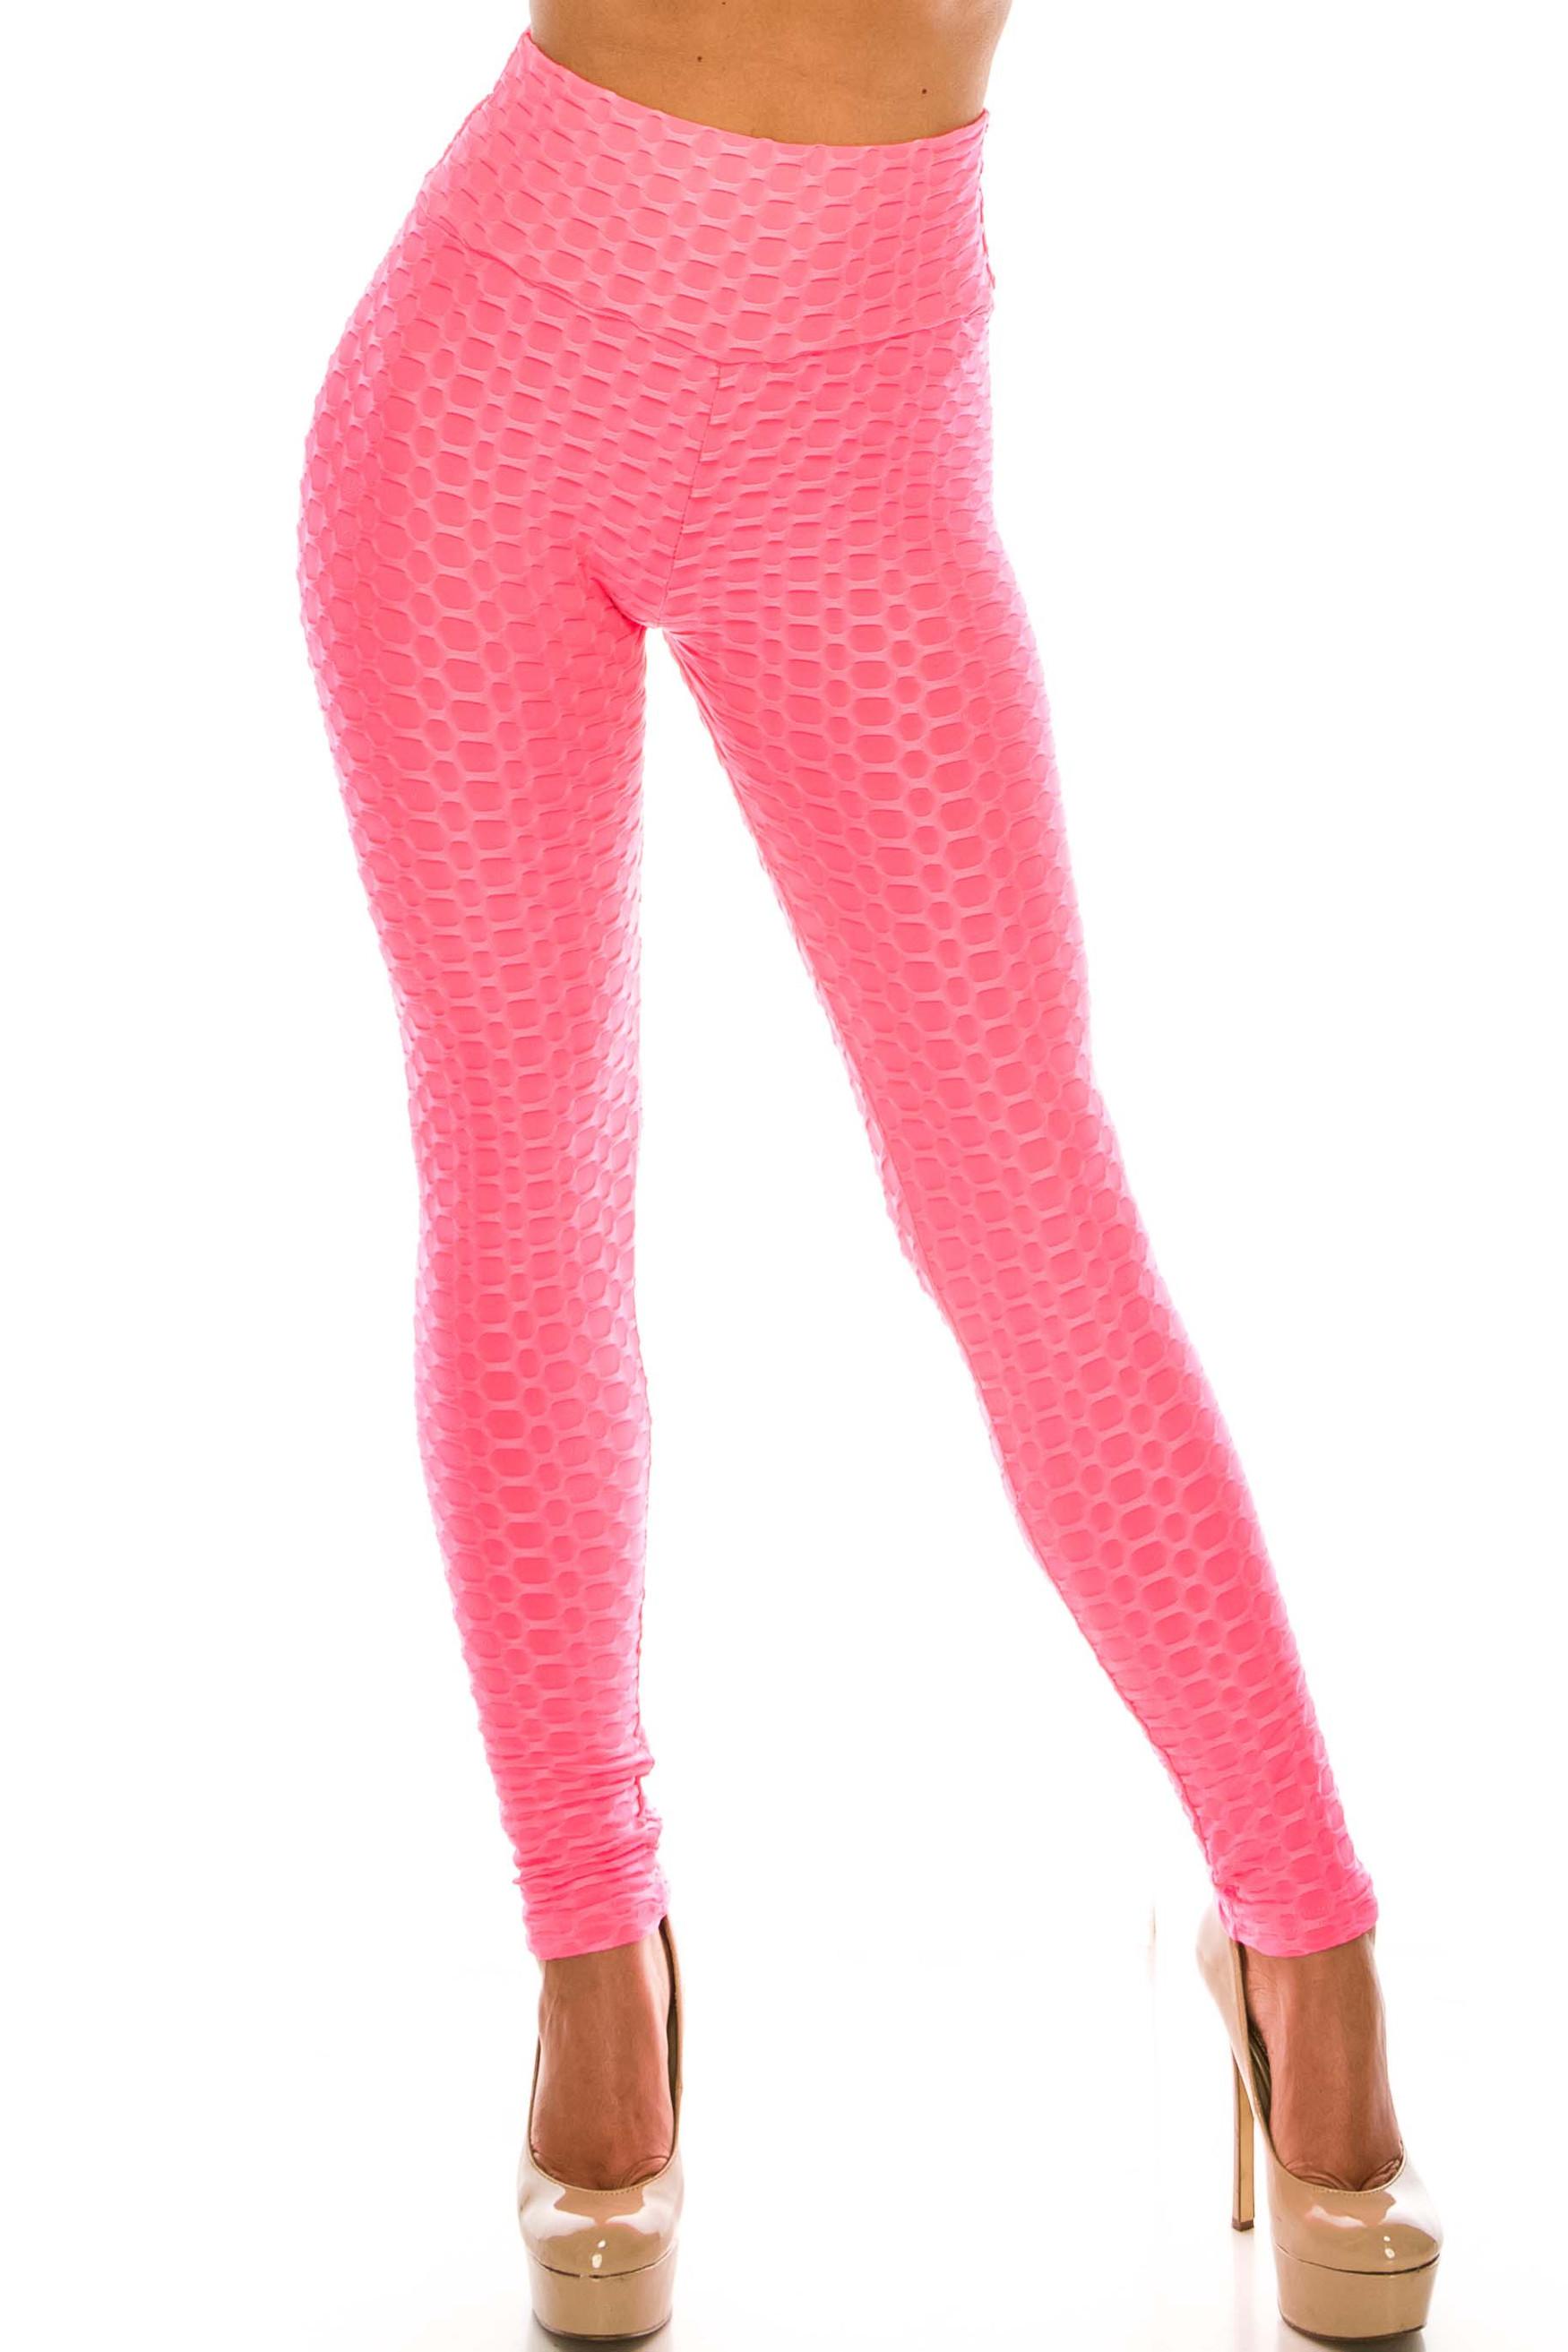 Scrunch Butt Sport Leggings with Side Pockets